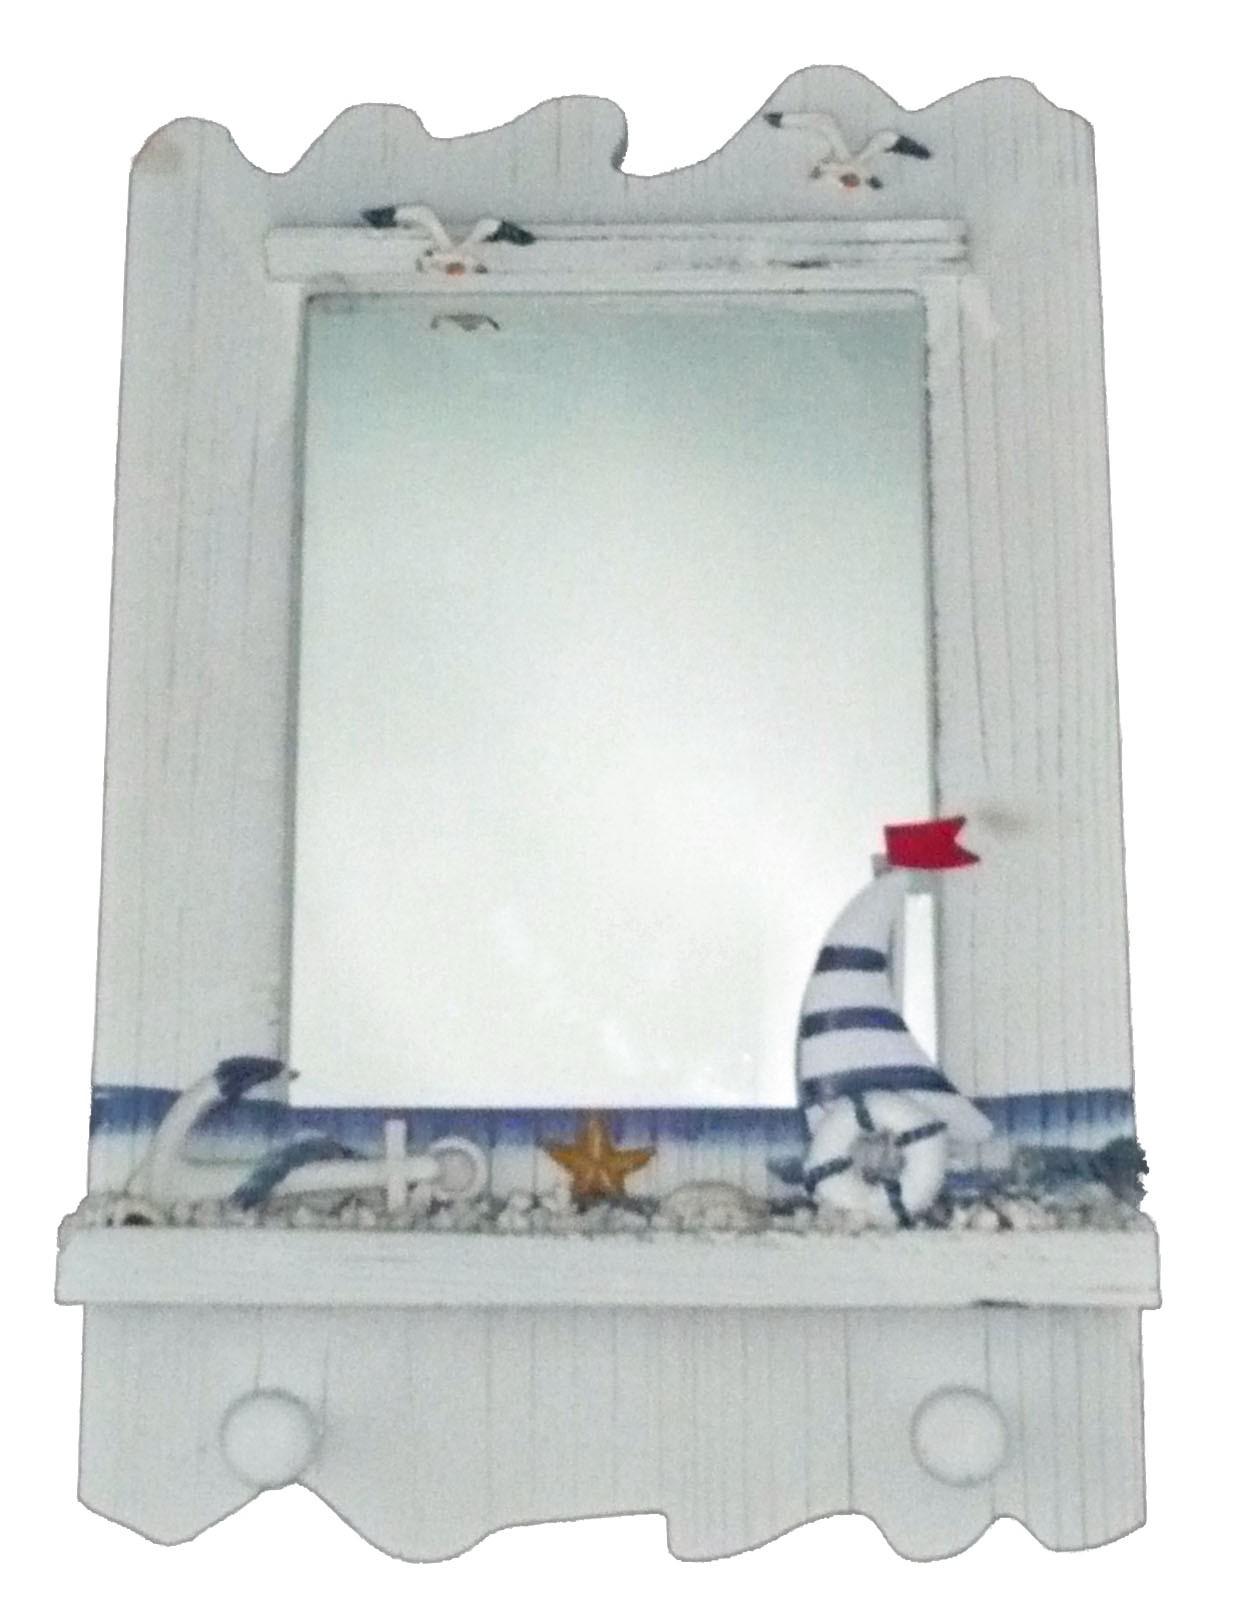 miroir style marin avec voilier - achat/vente décoration marine pas cher